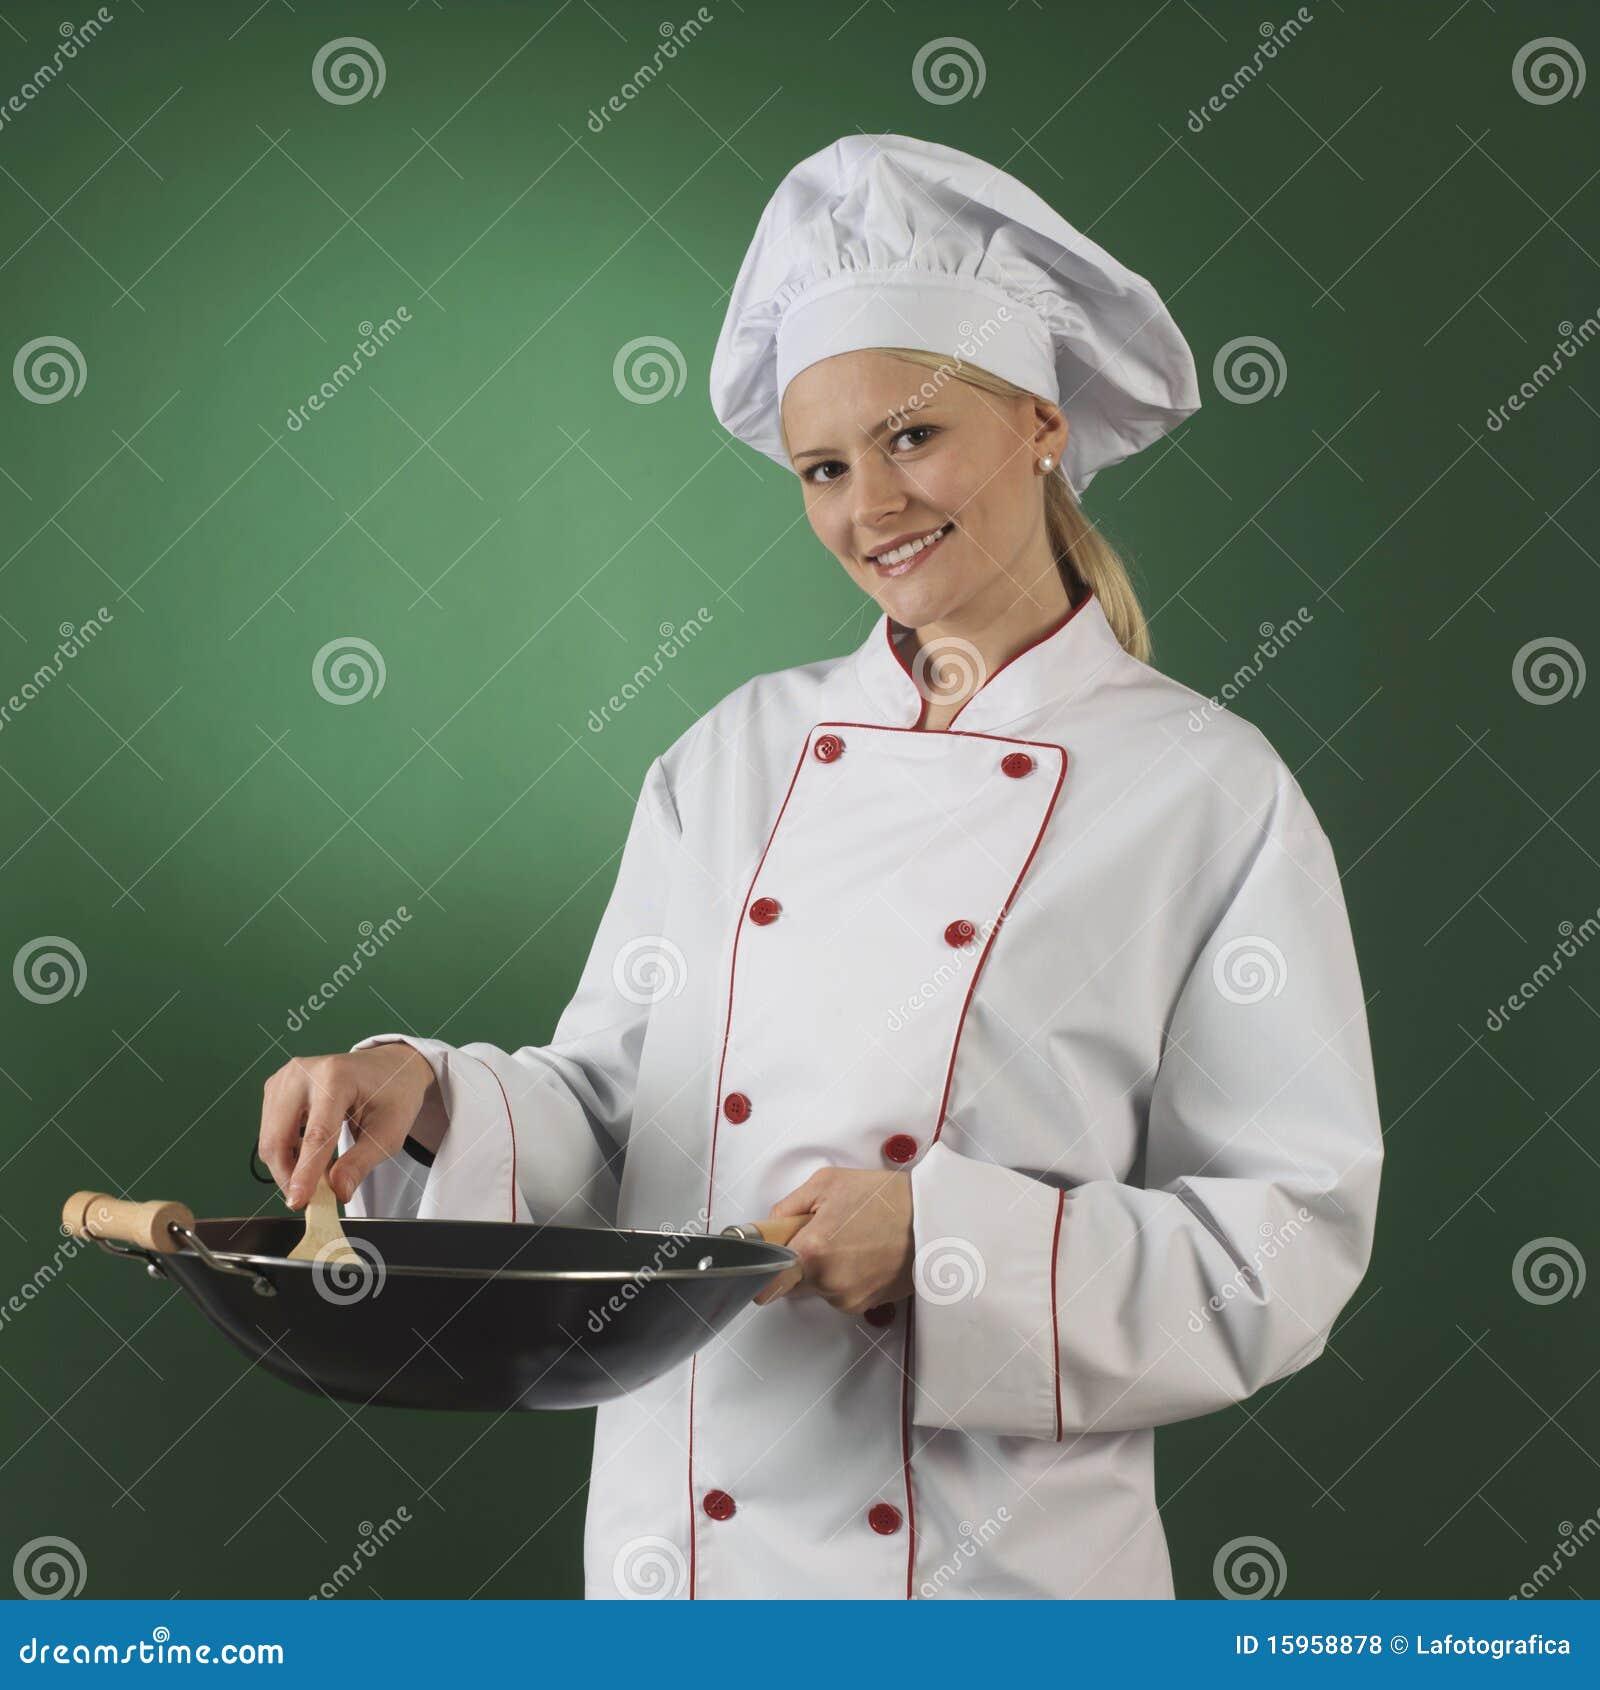 Un cuisinier atractive, elle s'use l'uniforme professionnel et la